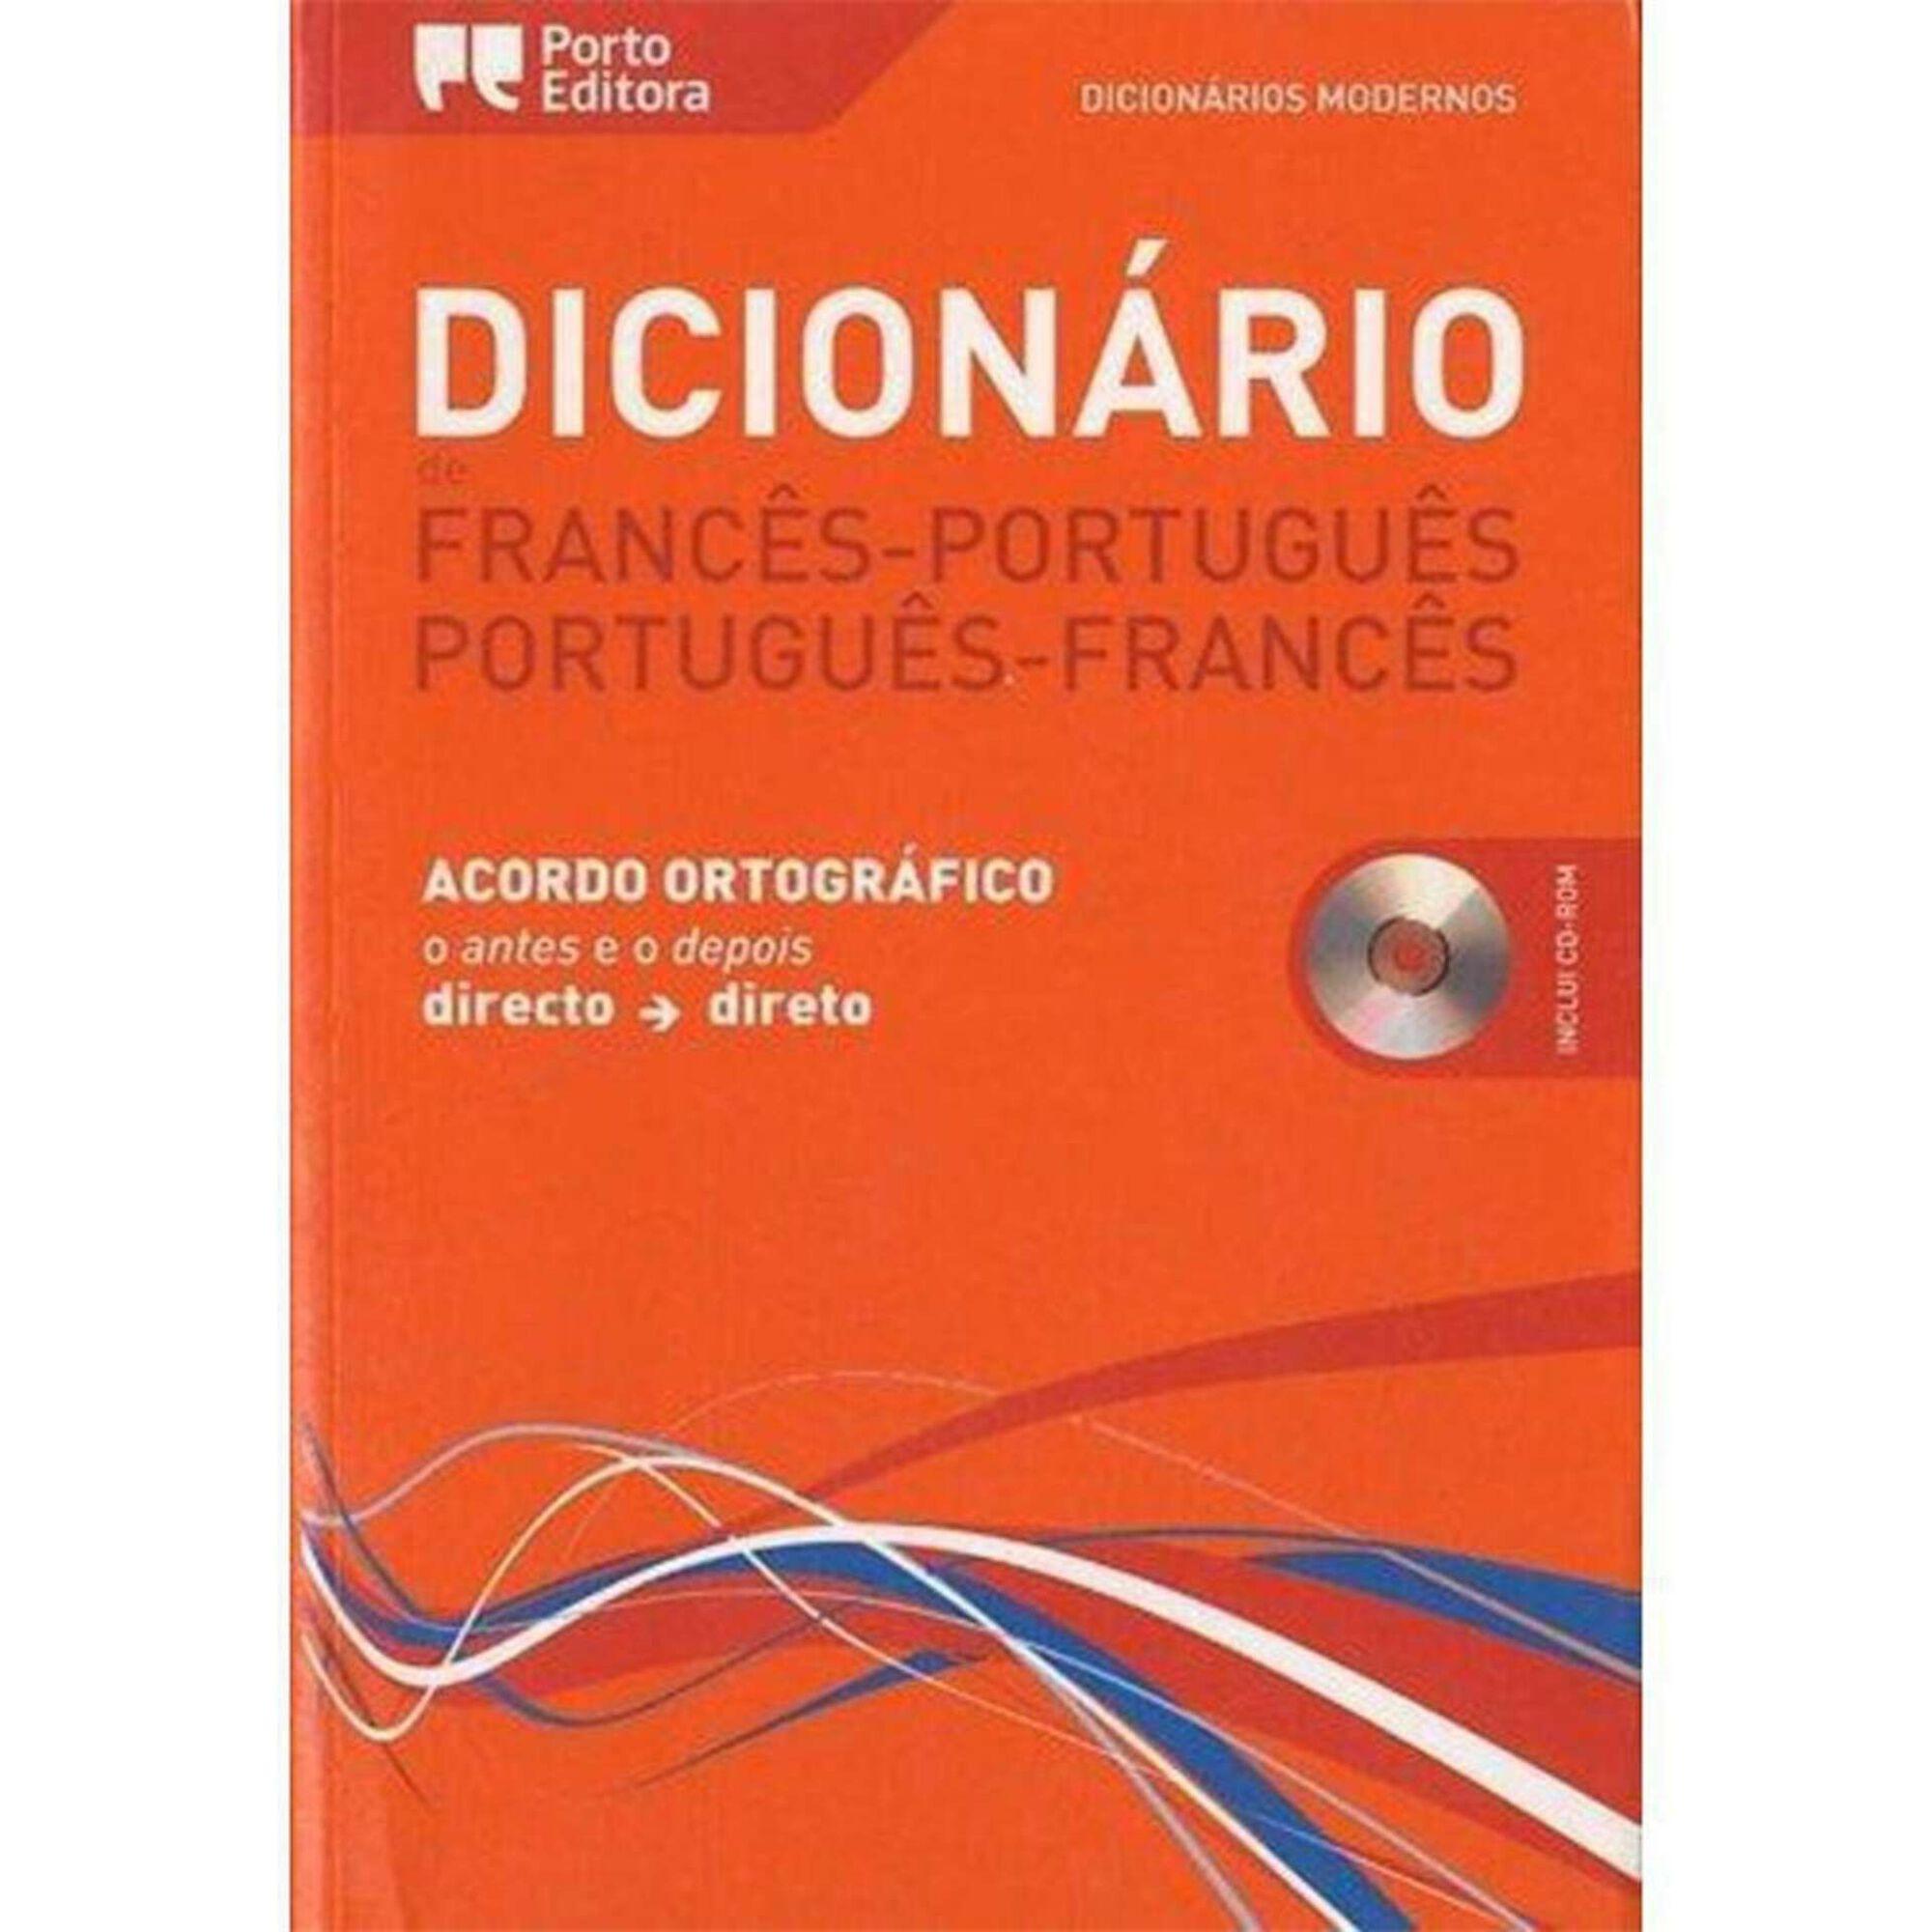 Dicionário Moderno Português-Francês/Francês-Português